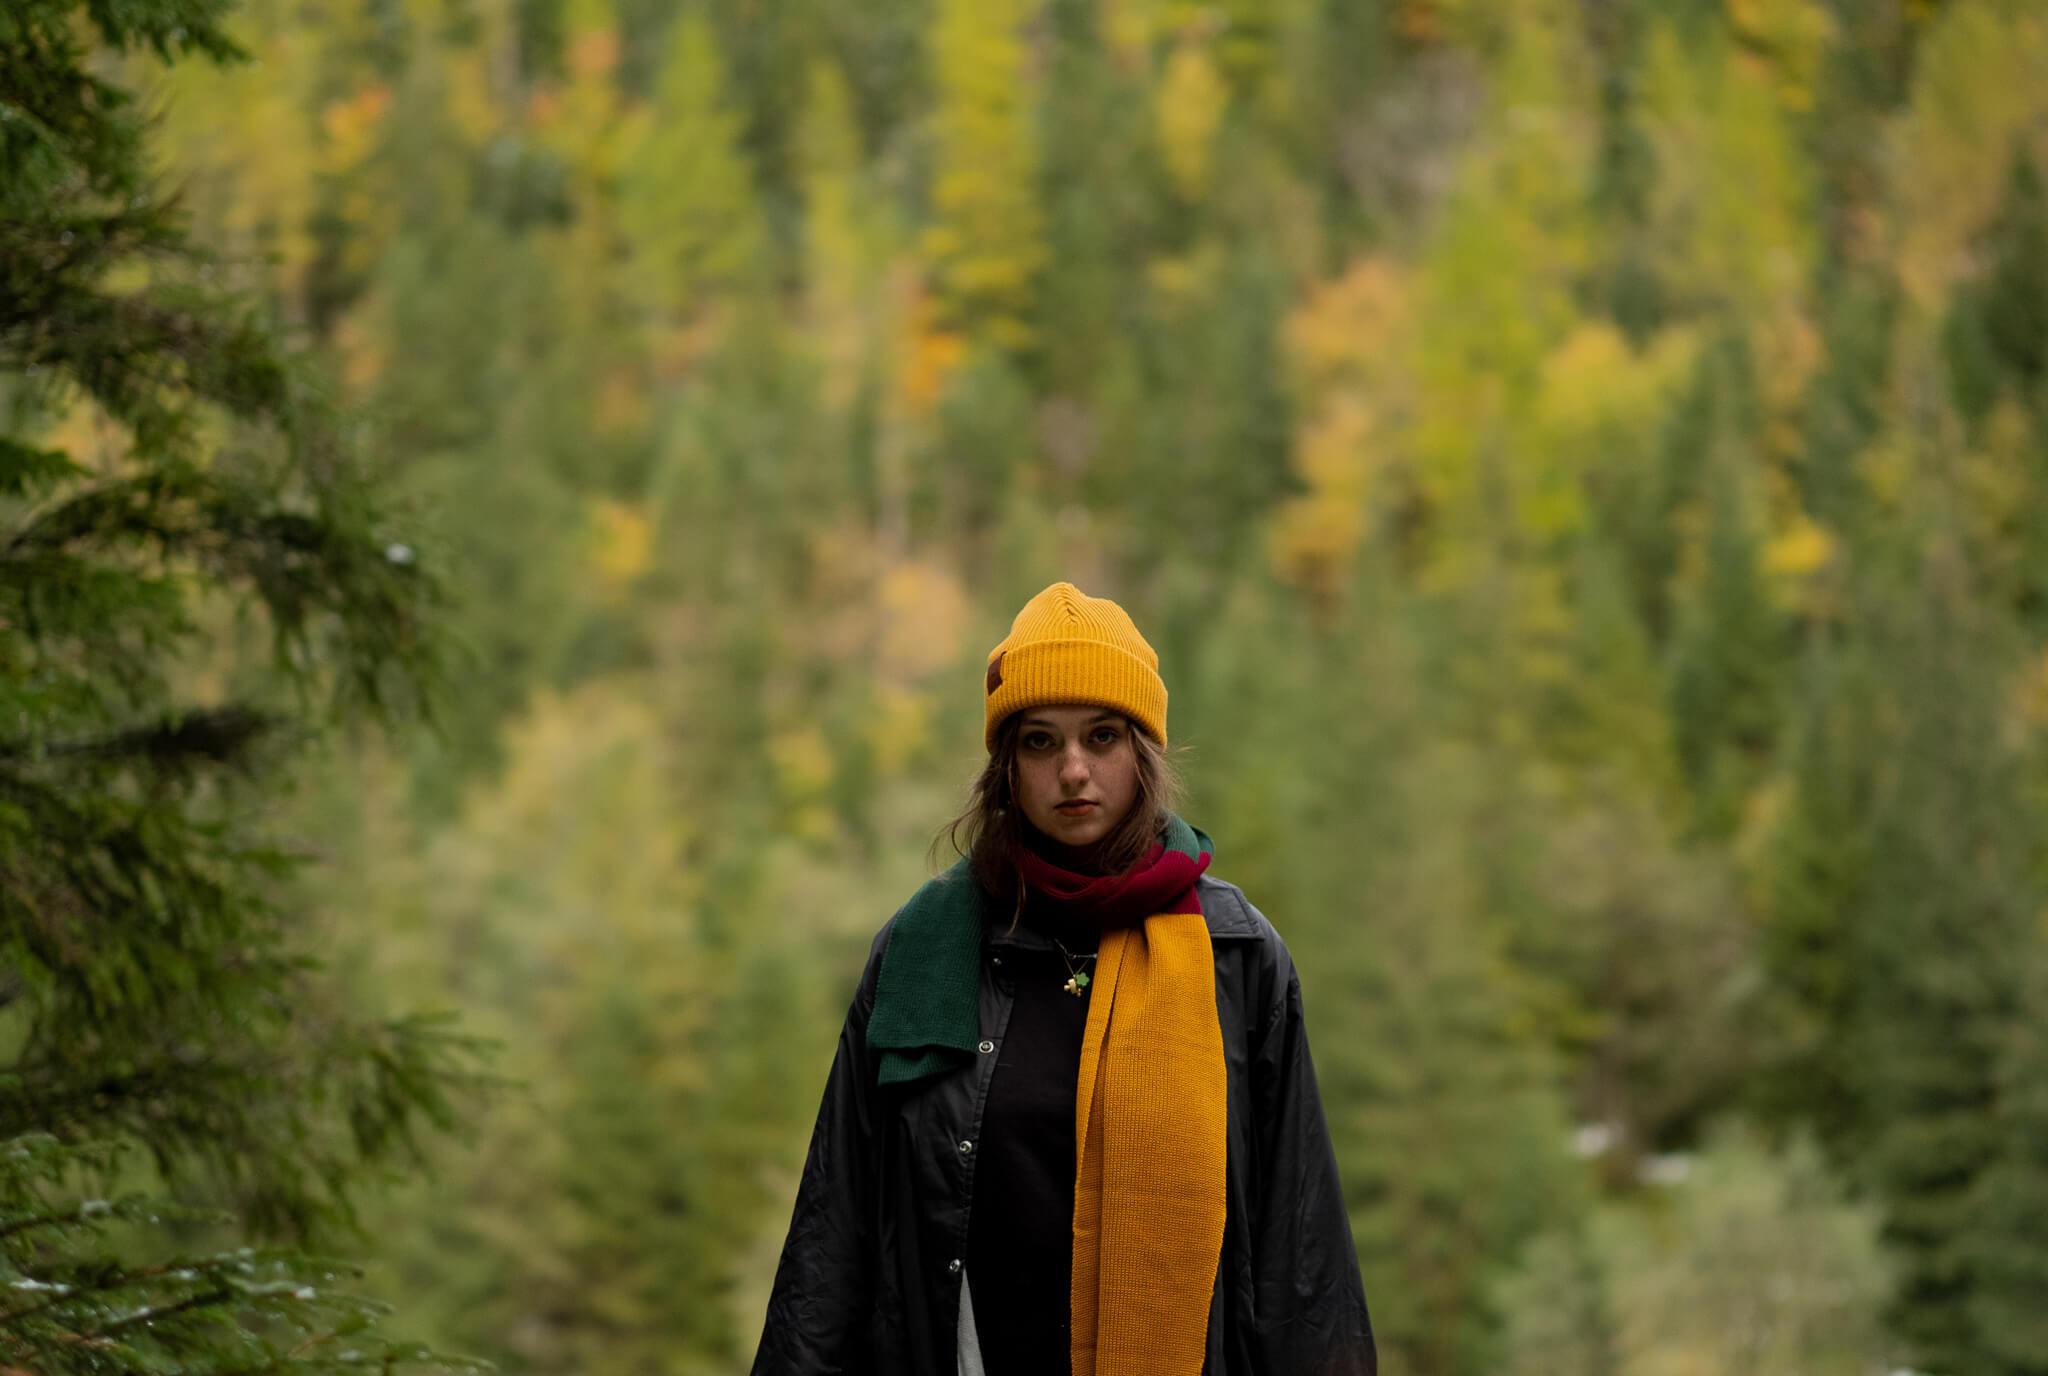 Kolekcja klasycznych szalików KABAK to ponadczasowe modele w eleganckich acz wyrazistych kolorach stanowiące doskonały dodatek do każdej nie tylko jesienno zimowej stylizacji Nasze jednokolorowe szaliki są w stu procentach bawełniane a cienki włóczkowy splot którym zostały wykonane nadaje im charakteru szalików robionych na drutach przez nasze babcie Dzięki prostokątnemu uniwersalnemu krojowi oraz stonowanej kolorystyce klasyczne szaliki KABAK są idealną opcją zarówno dla kobiet jak i mężczyzn Załóż je do eleganckiego płaszcza letniego trencza czy sportowej kurtki – gwarantujemy że w każdym przypadku KABAKowy szalik będzie doskonałym uzupełnieniem stylizacji Klasyczne szaliki KABAK są dostępne w pięciu wersjach kolorystycznych: butelkowo zielonej błękitnej bordowej granatowej oraz trójkolorowej butelkowa zieleń bordo i musztarda Skład: 100 bawełna Wymiary: 29 5 x 195 cm Instrukcja prania: szaliki KABAK można prać w pralce w temperaturze maksymalnej 30 st C Stanowczo radzimy nie wybiela